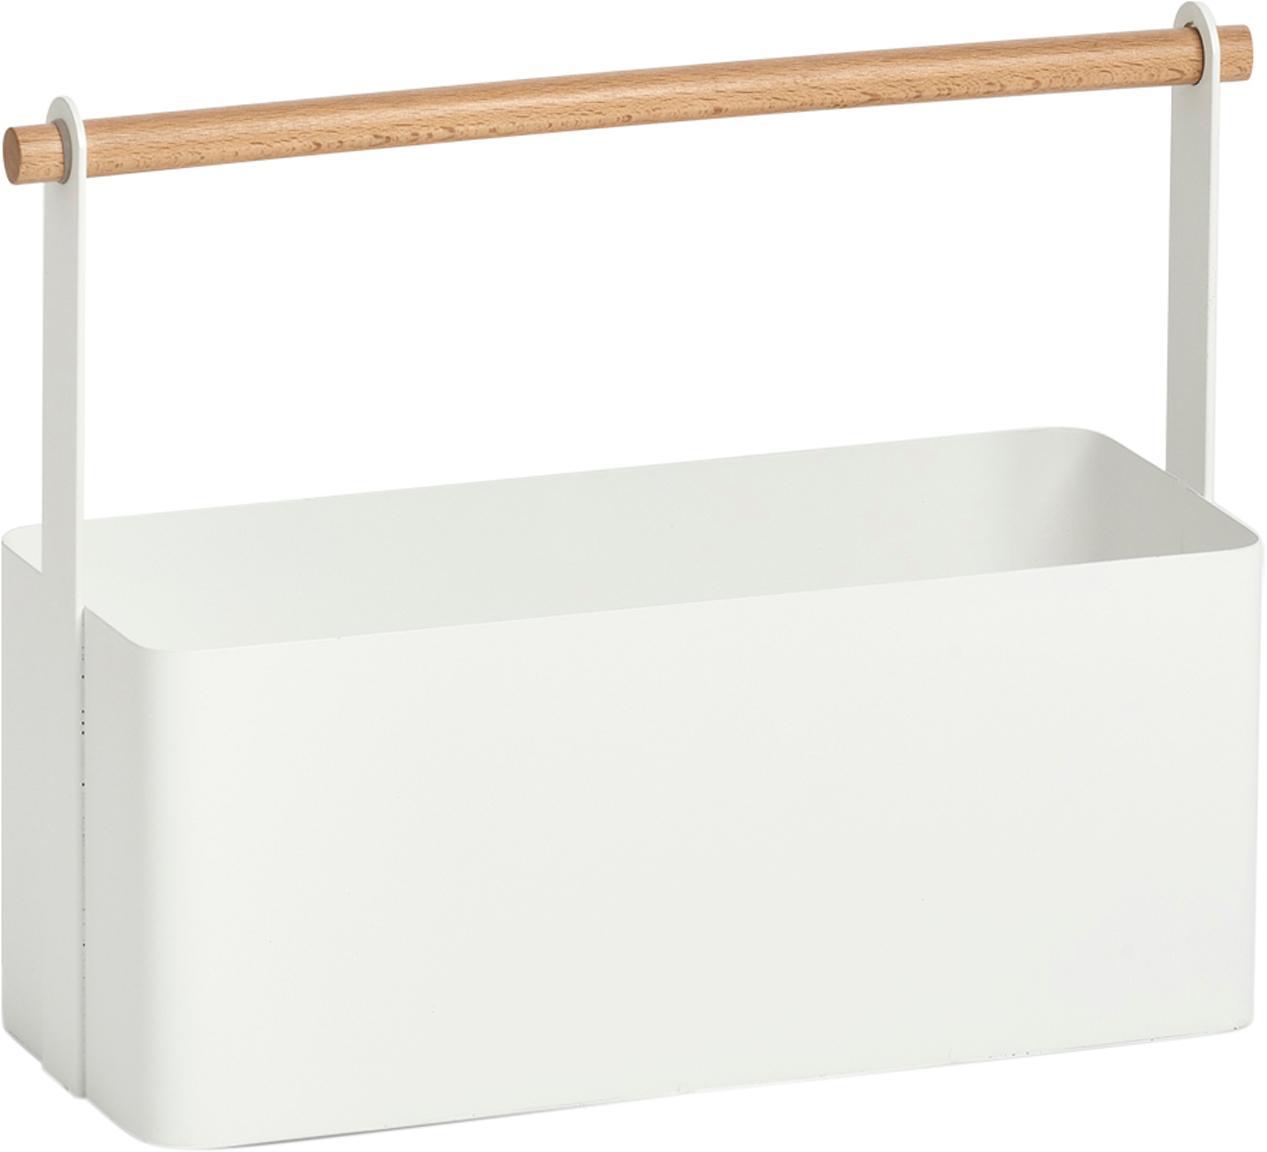 Opbergbakje Ledino, Metaal, beukenhout, Wit, beukenhoutkleurig, 32 x 16 cm